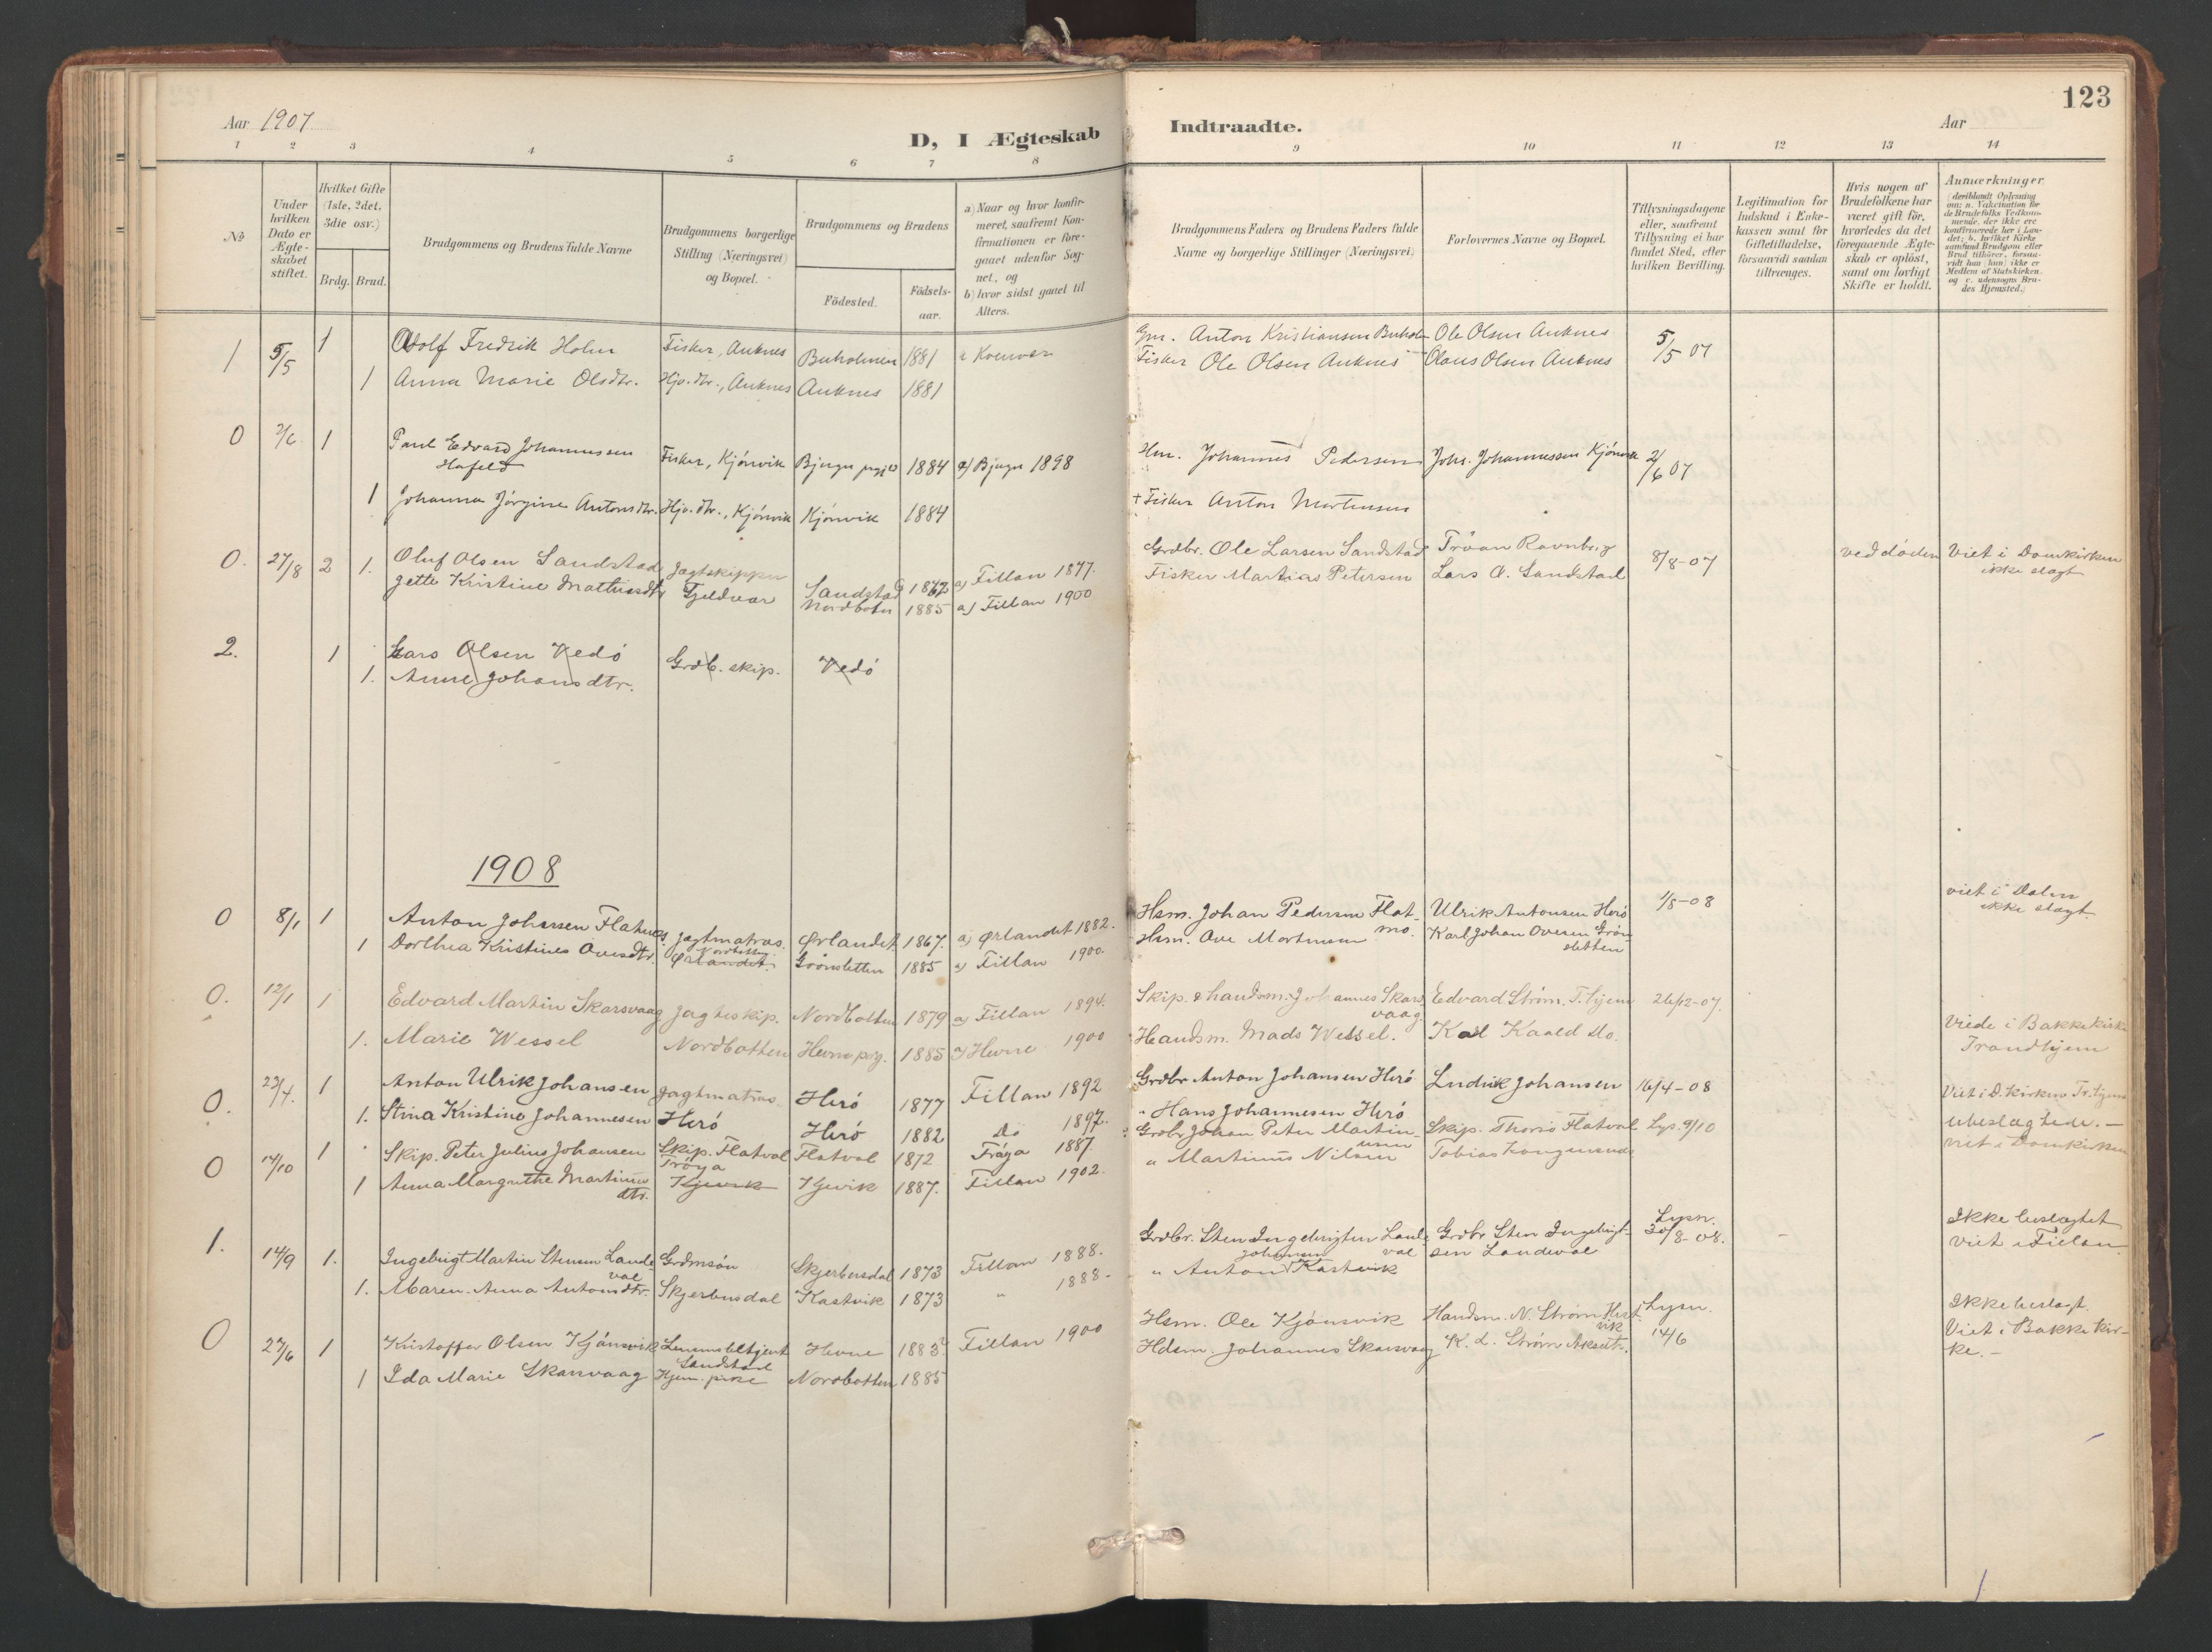 SAT, Ministerialprotokoller, klokkerbøker og fødselsregistre - Sør-Trøndelag, 638/L0568: Ministerialbok nr. 638A01, 1901-1916, s. 123